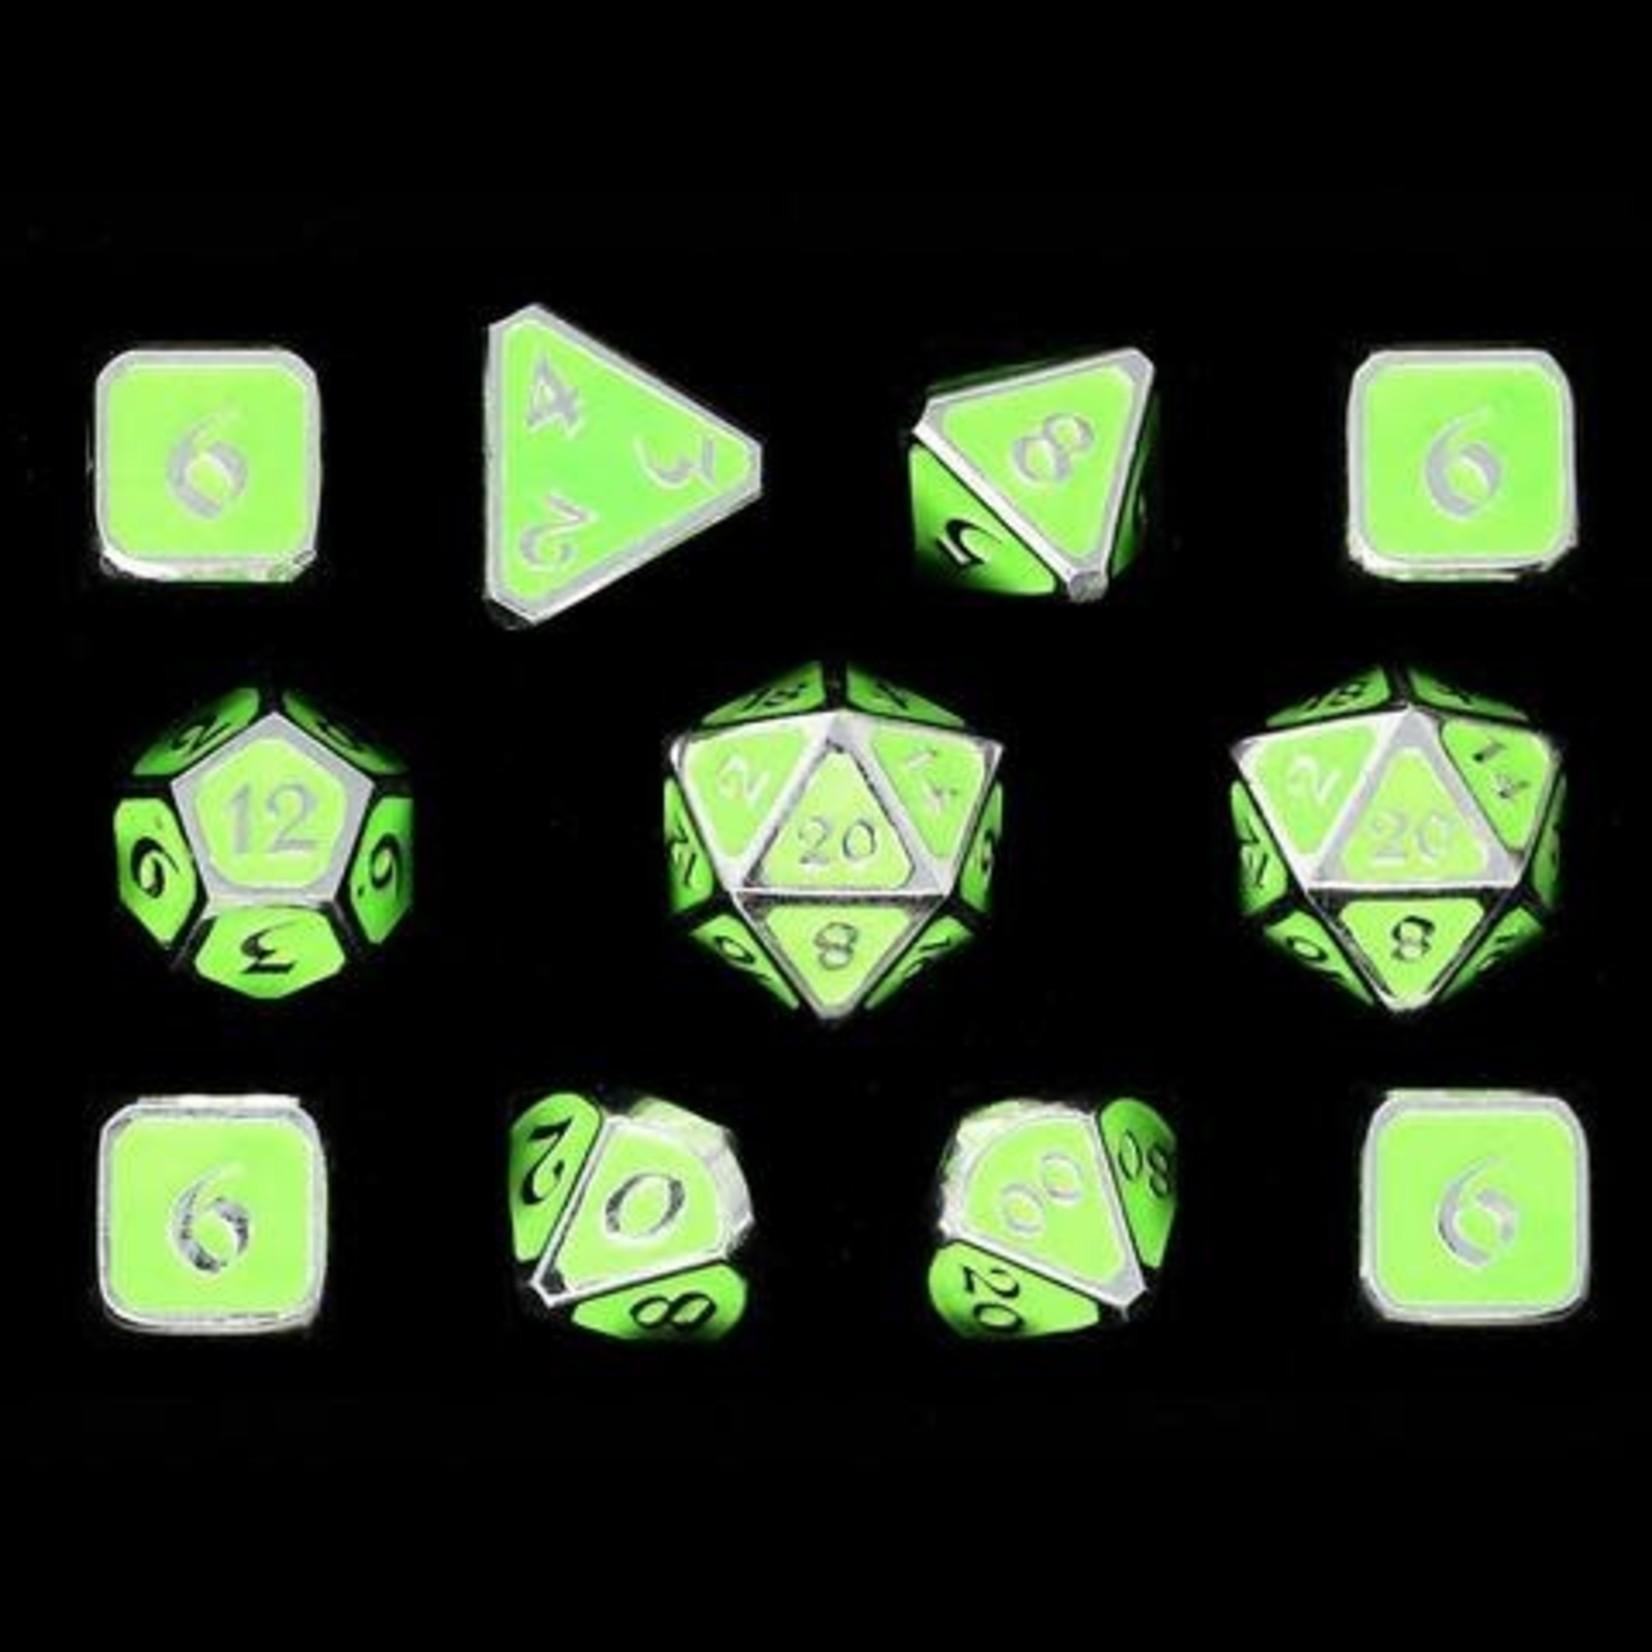 Die Hard Dice Die Hard Dice: Polyhedral Metal Dice Set - AfterDark Neon Rave 11pc